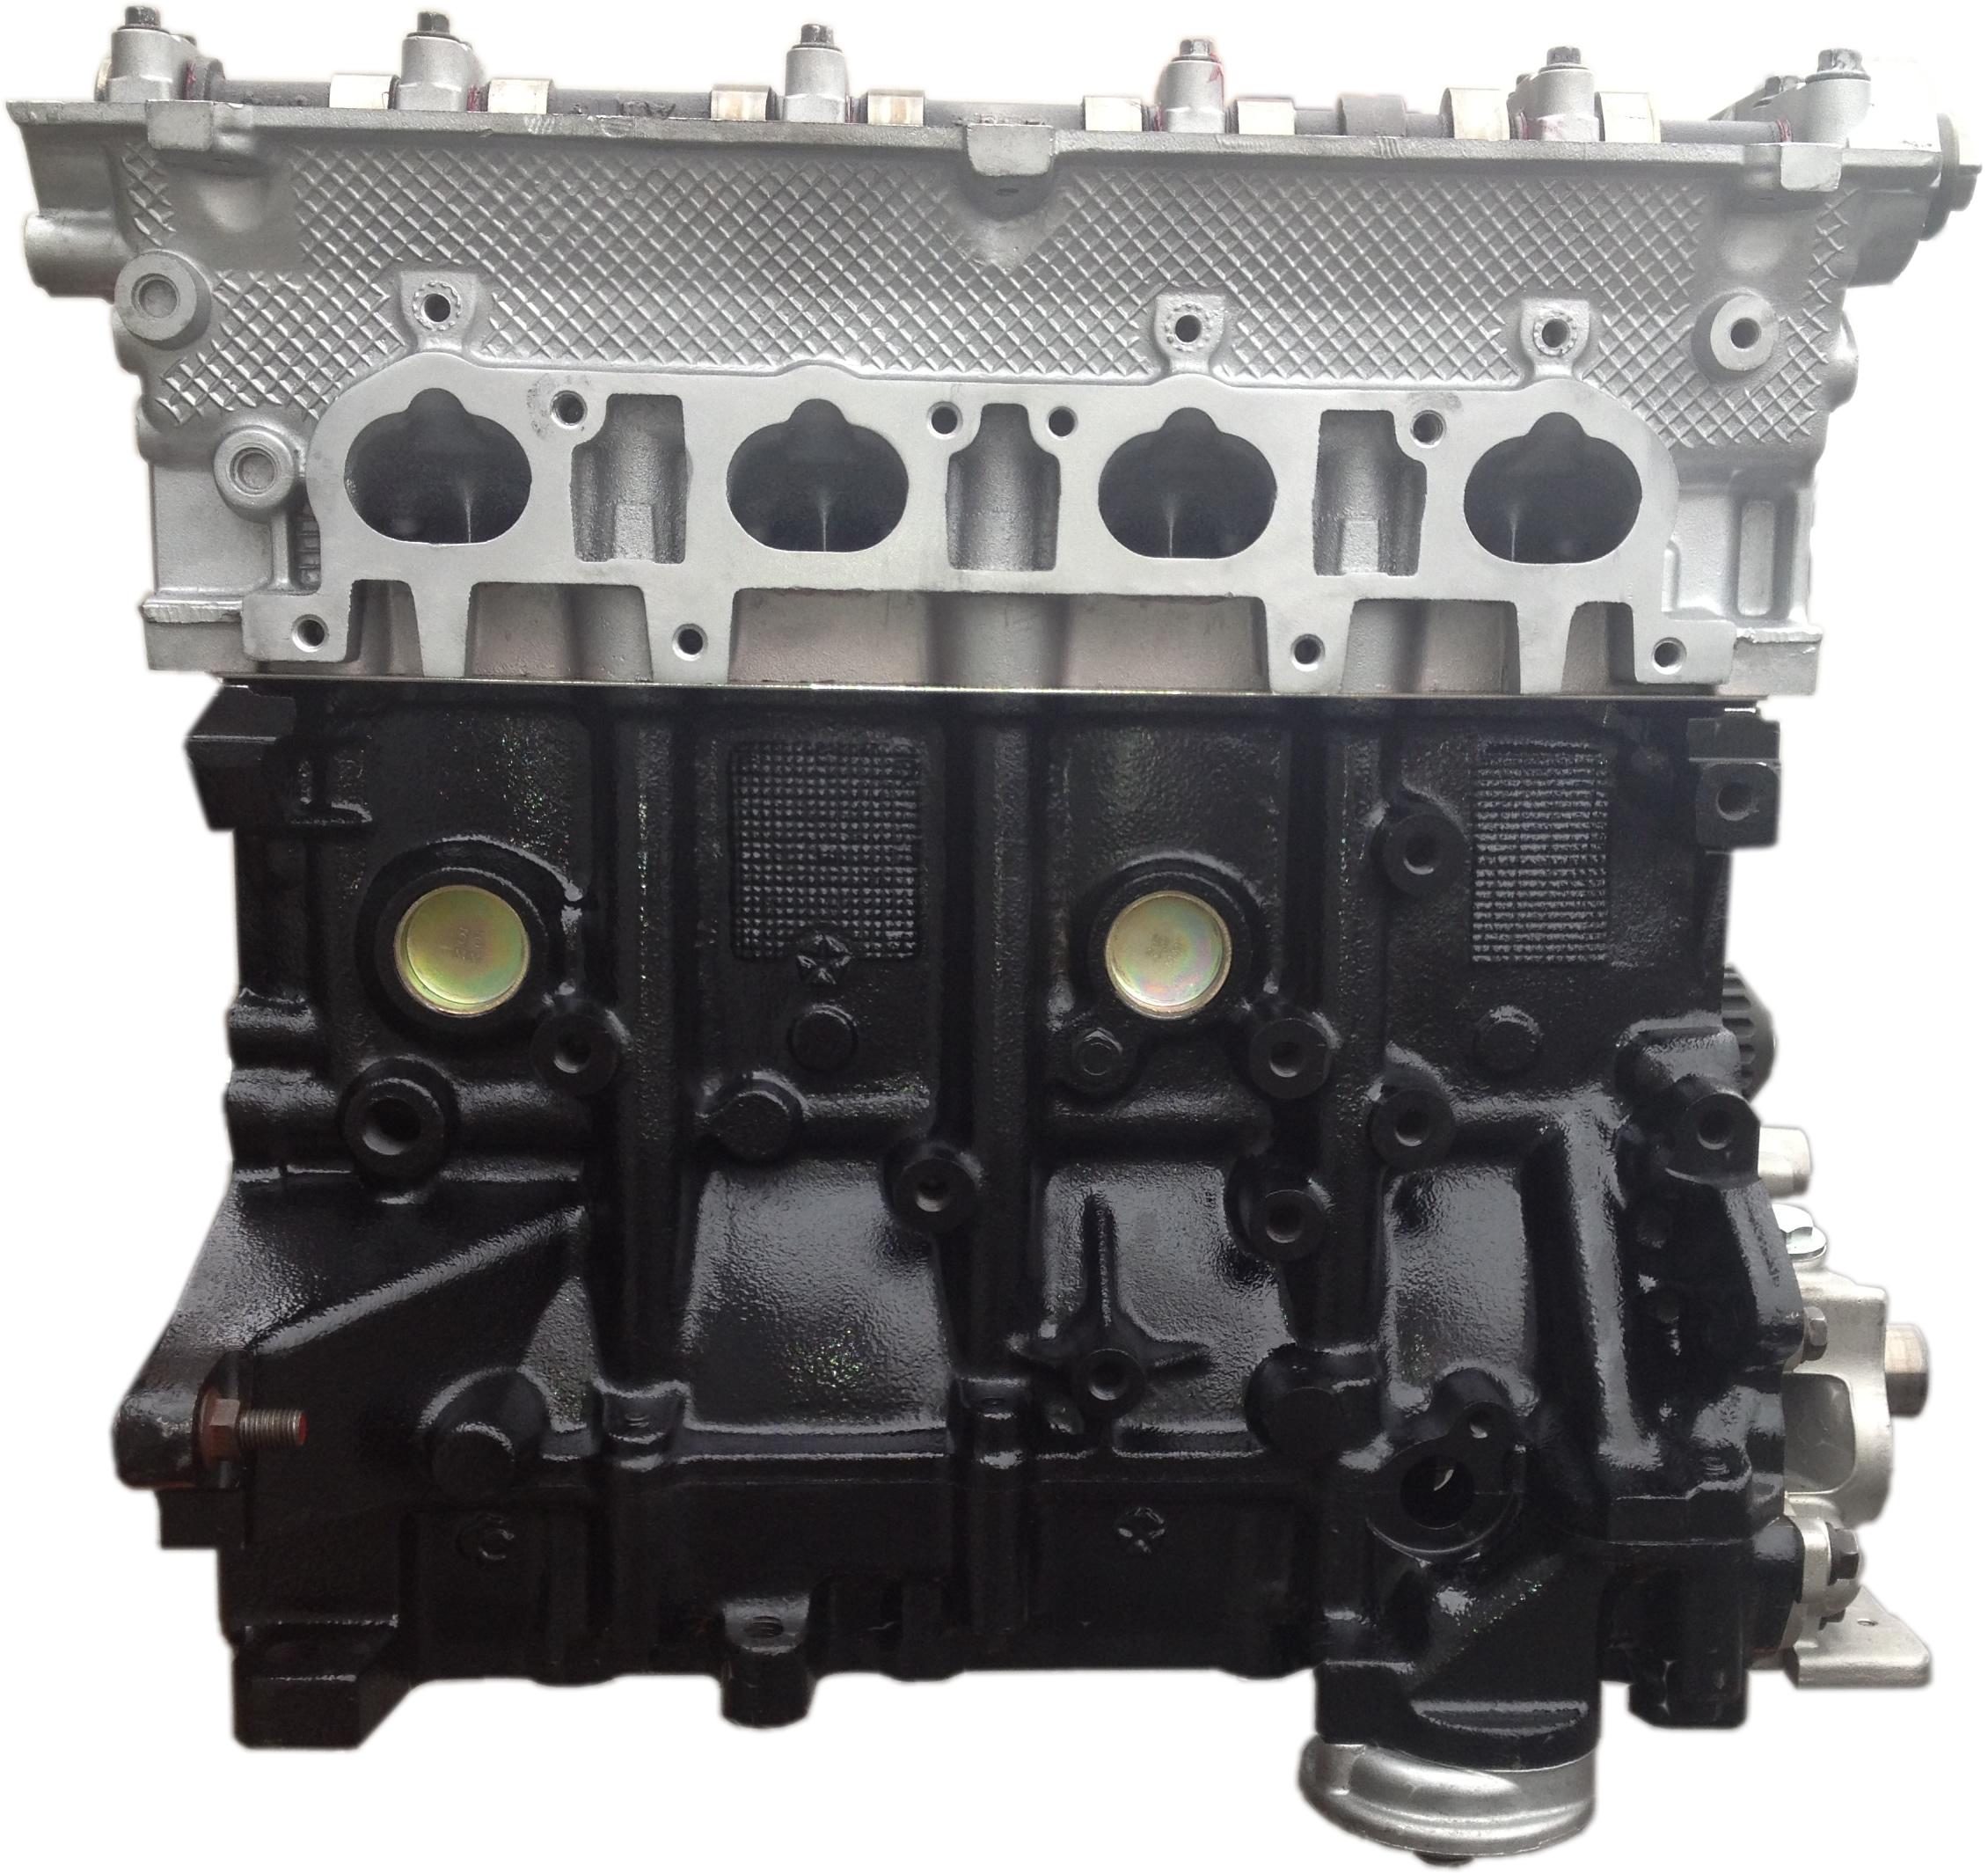 2 0l Engine: Rebuilt 95-99 Dodge Avenger 2.0L DOHC 420A Engine